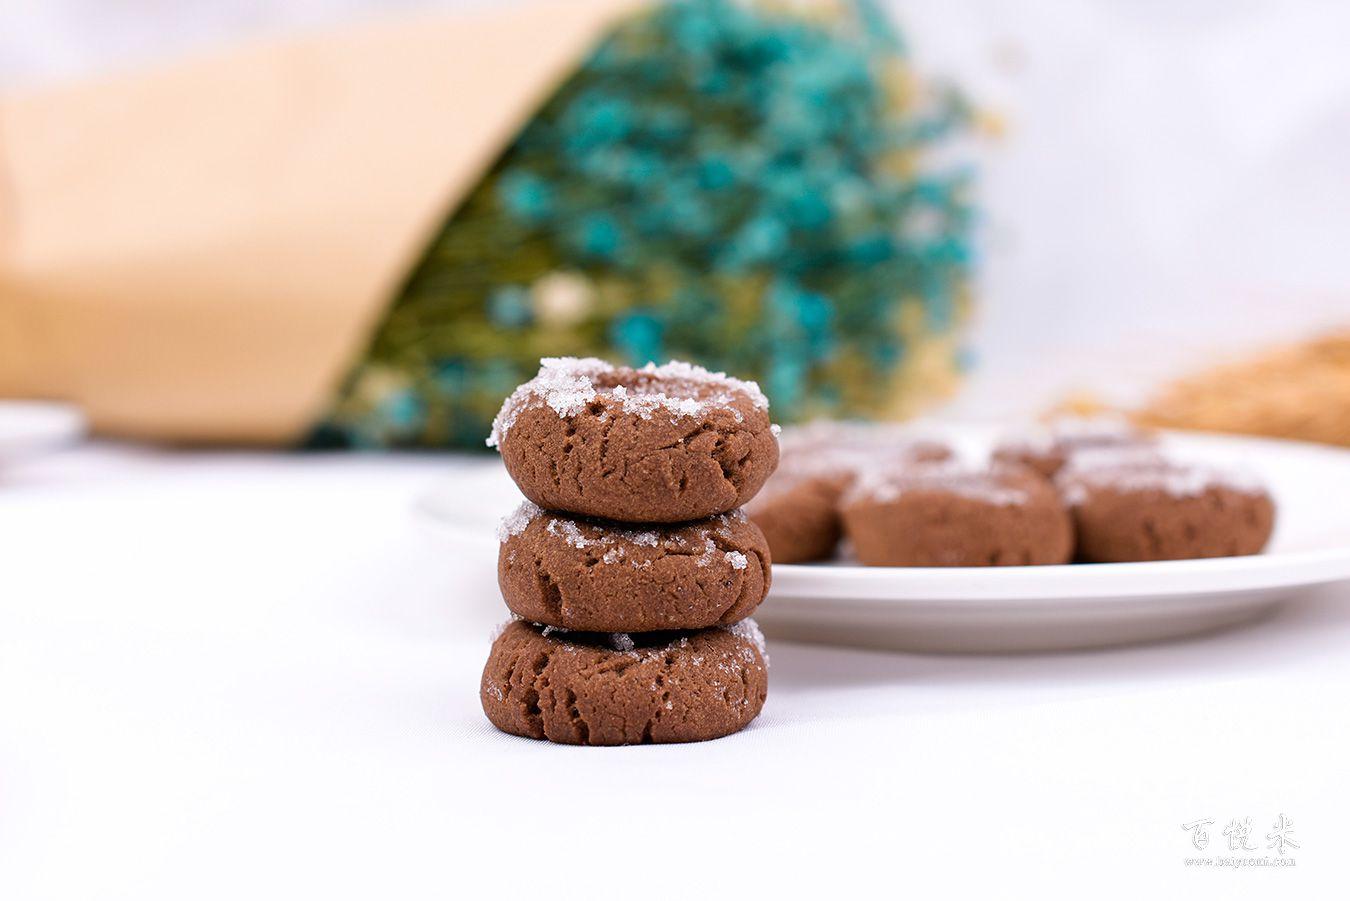 巧克力饼干高清图片大全【蛋糕图片】_550